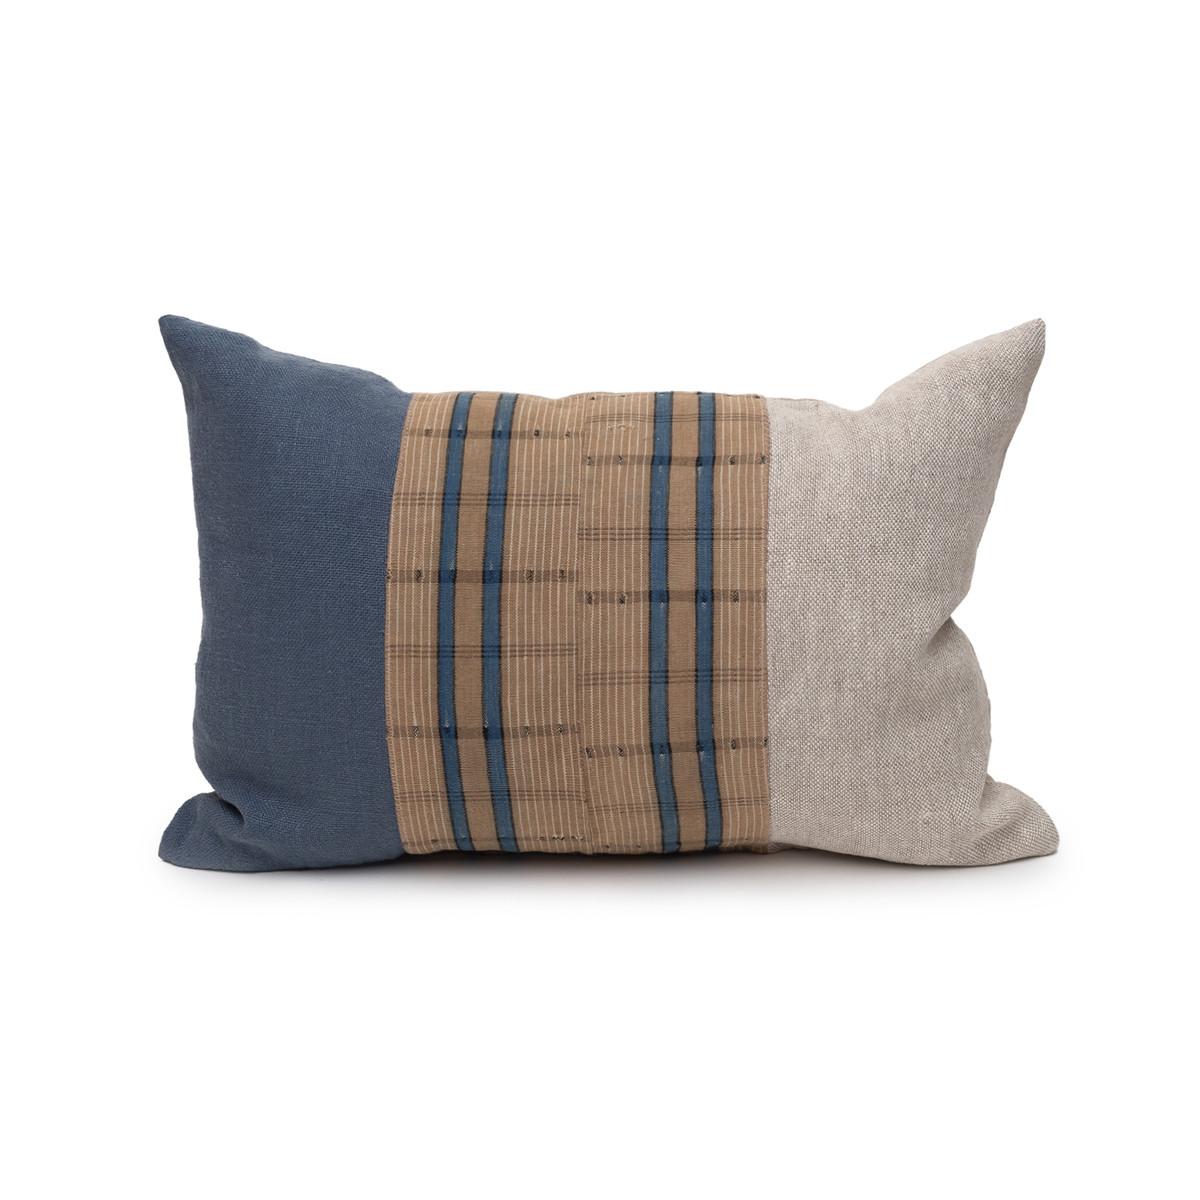 Harbor Lumbar Blue Aso Oke Indigo Linen Pillow - 1420 - Front View